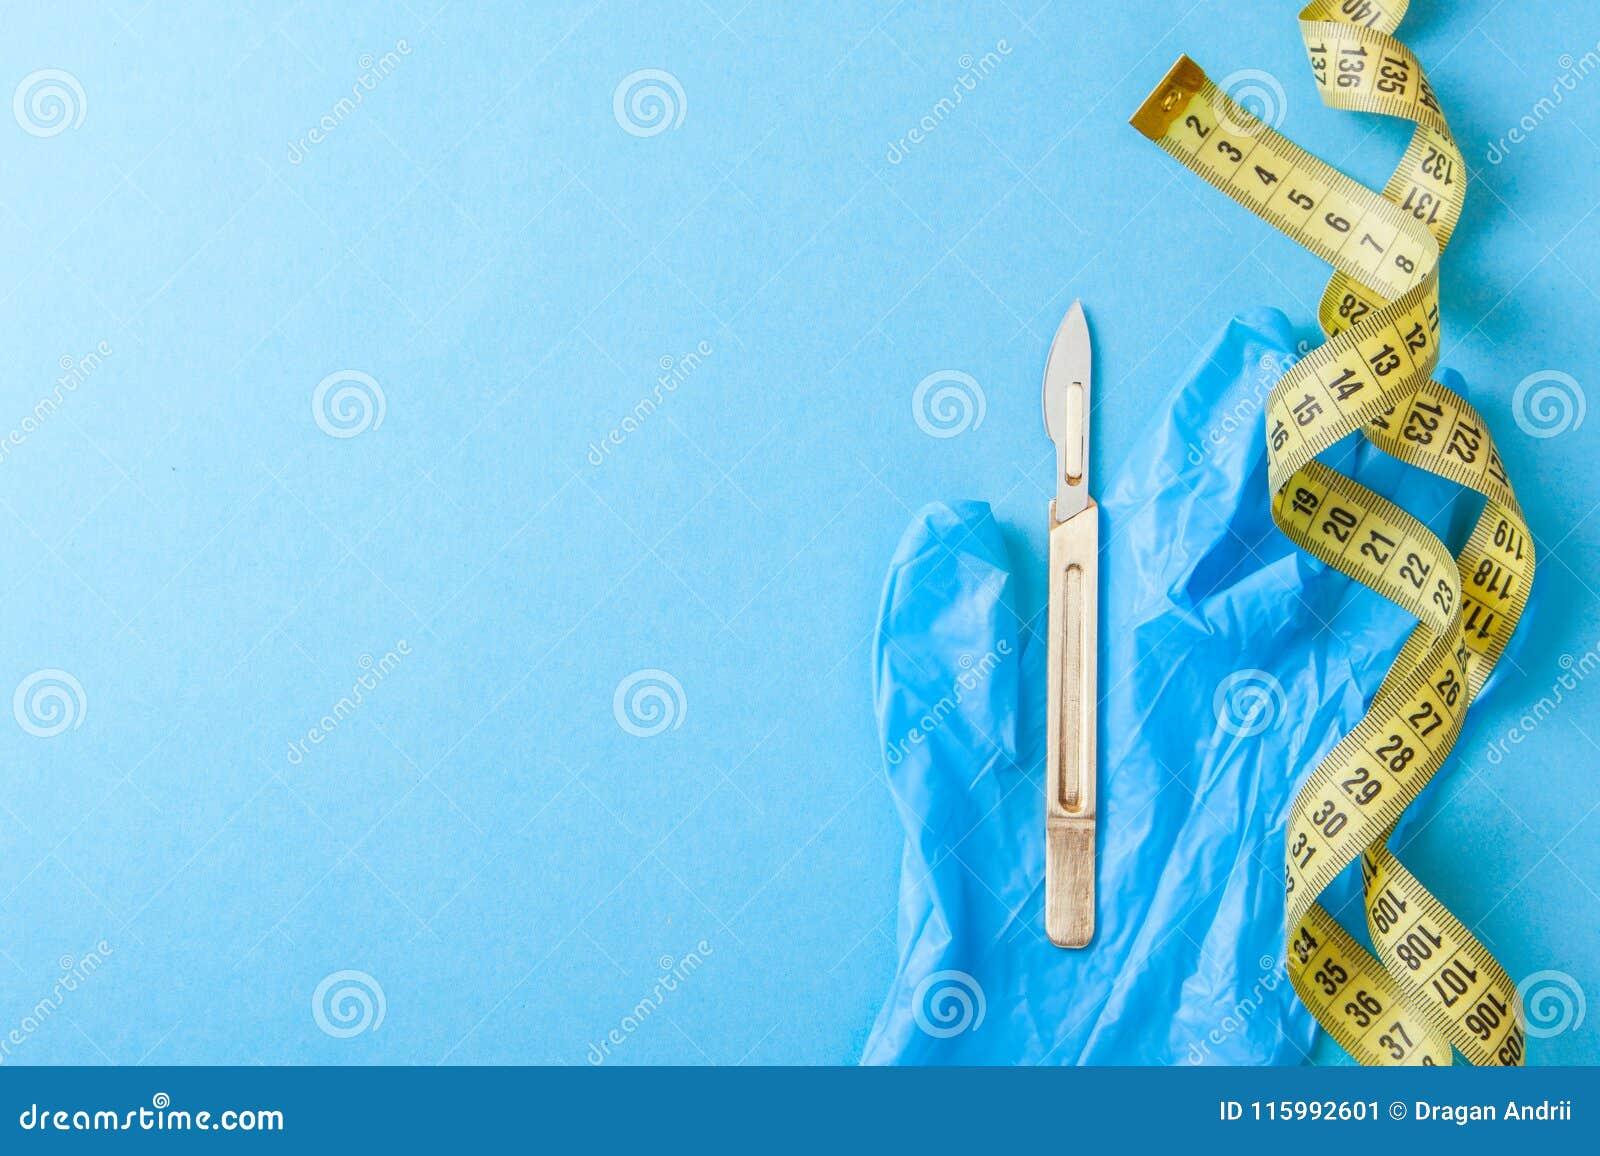 Plastikkirurgi av kroppen och framsidan Kirurgi för viktförlust, liposuctionen, hud som drar åt, tar bort fett Skalpell och band